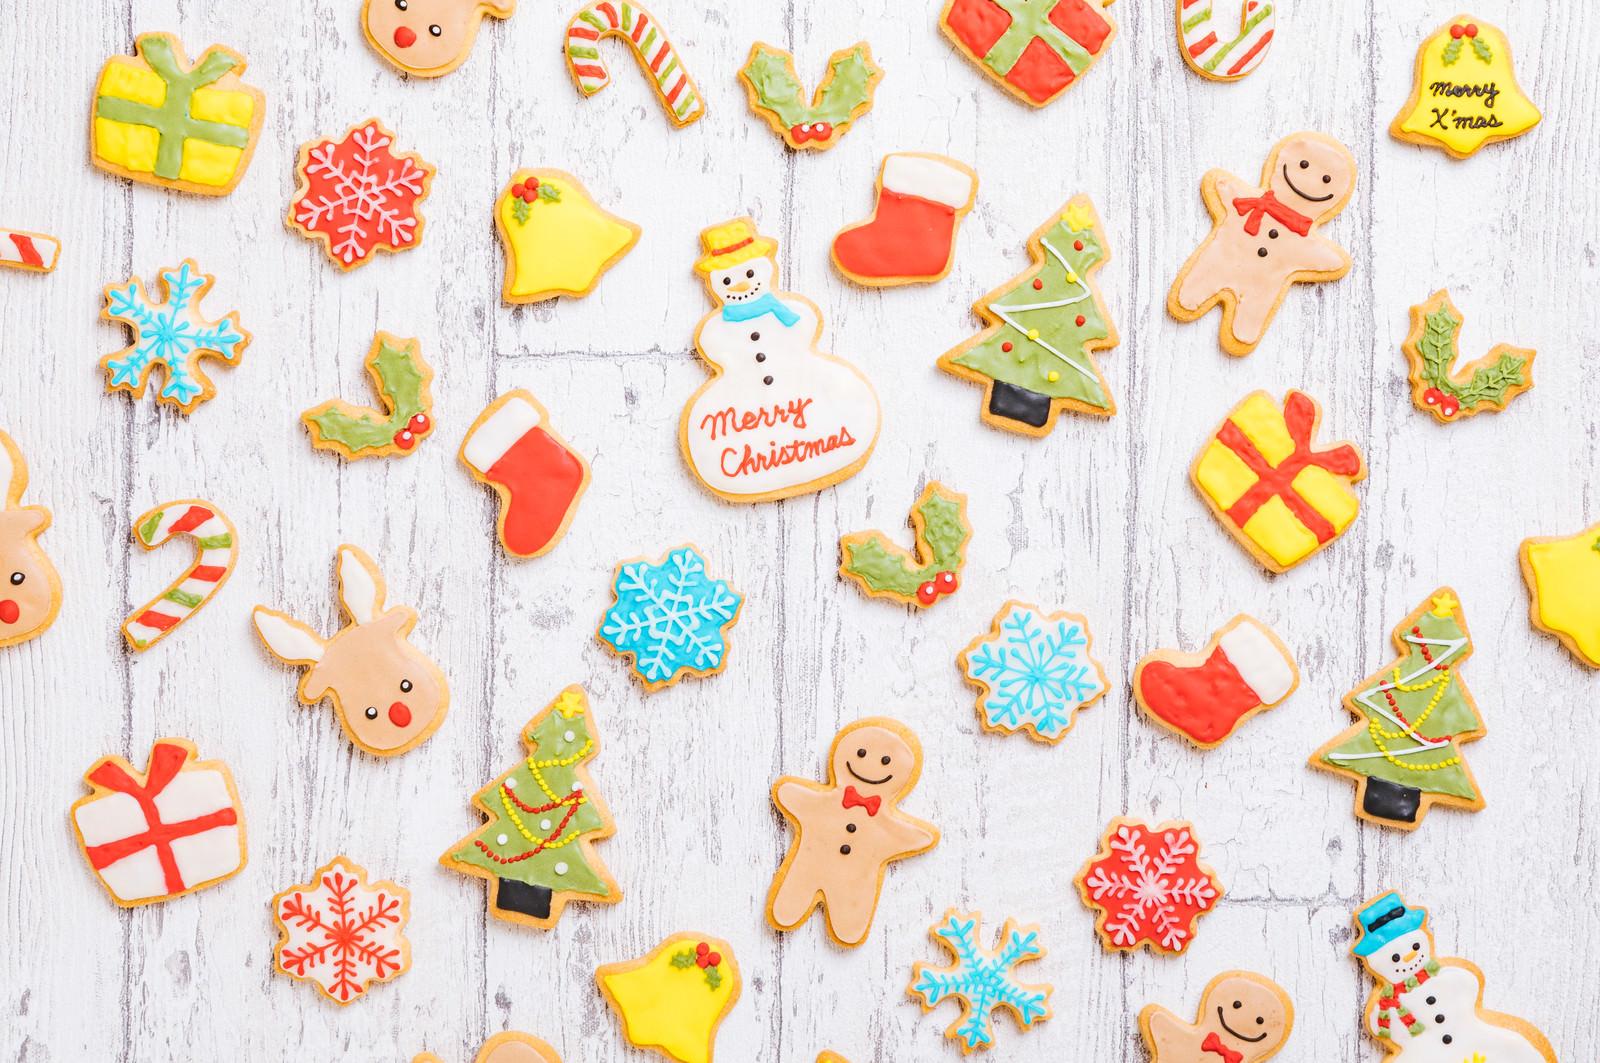 可愛いキャラクターのクリスマスアイシングクッキー|ぱくたそフリー素材